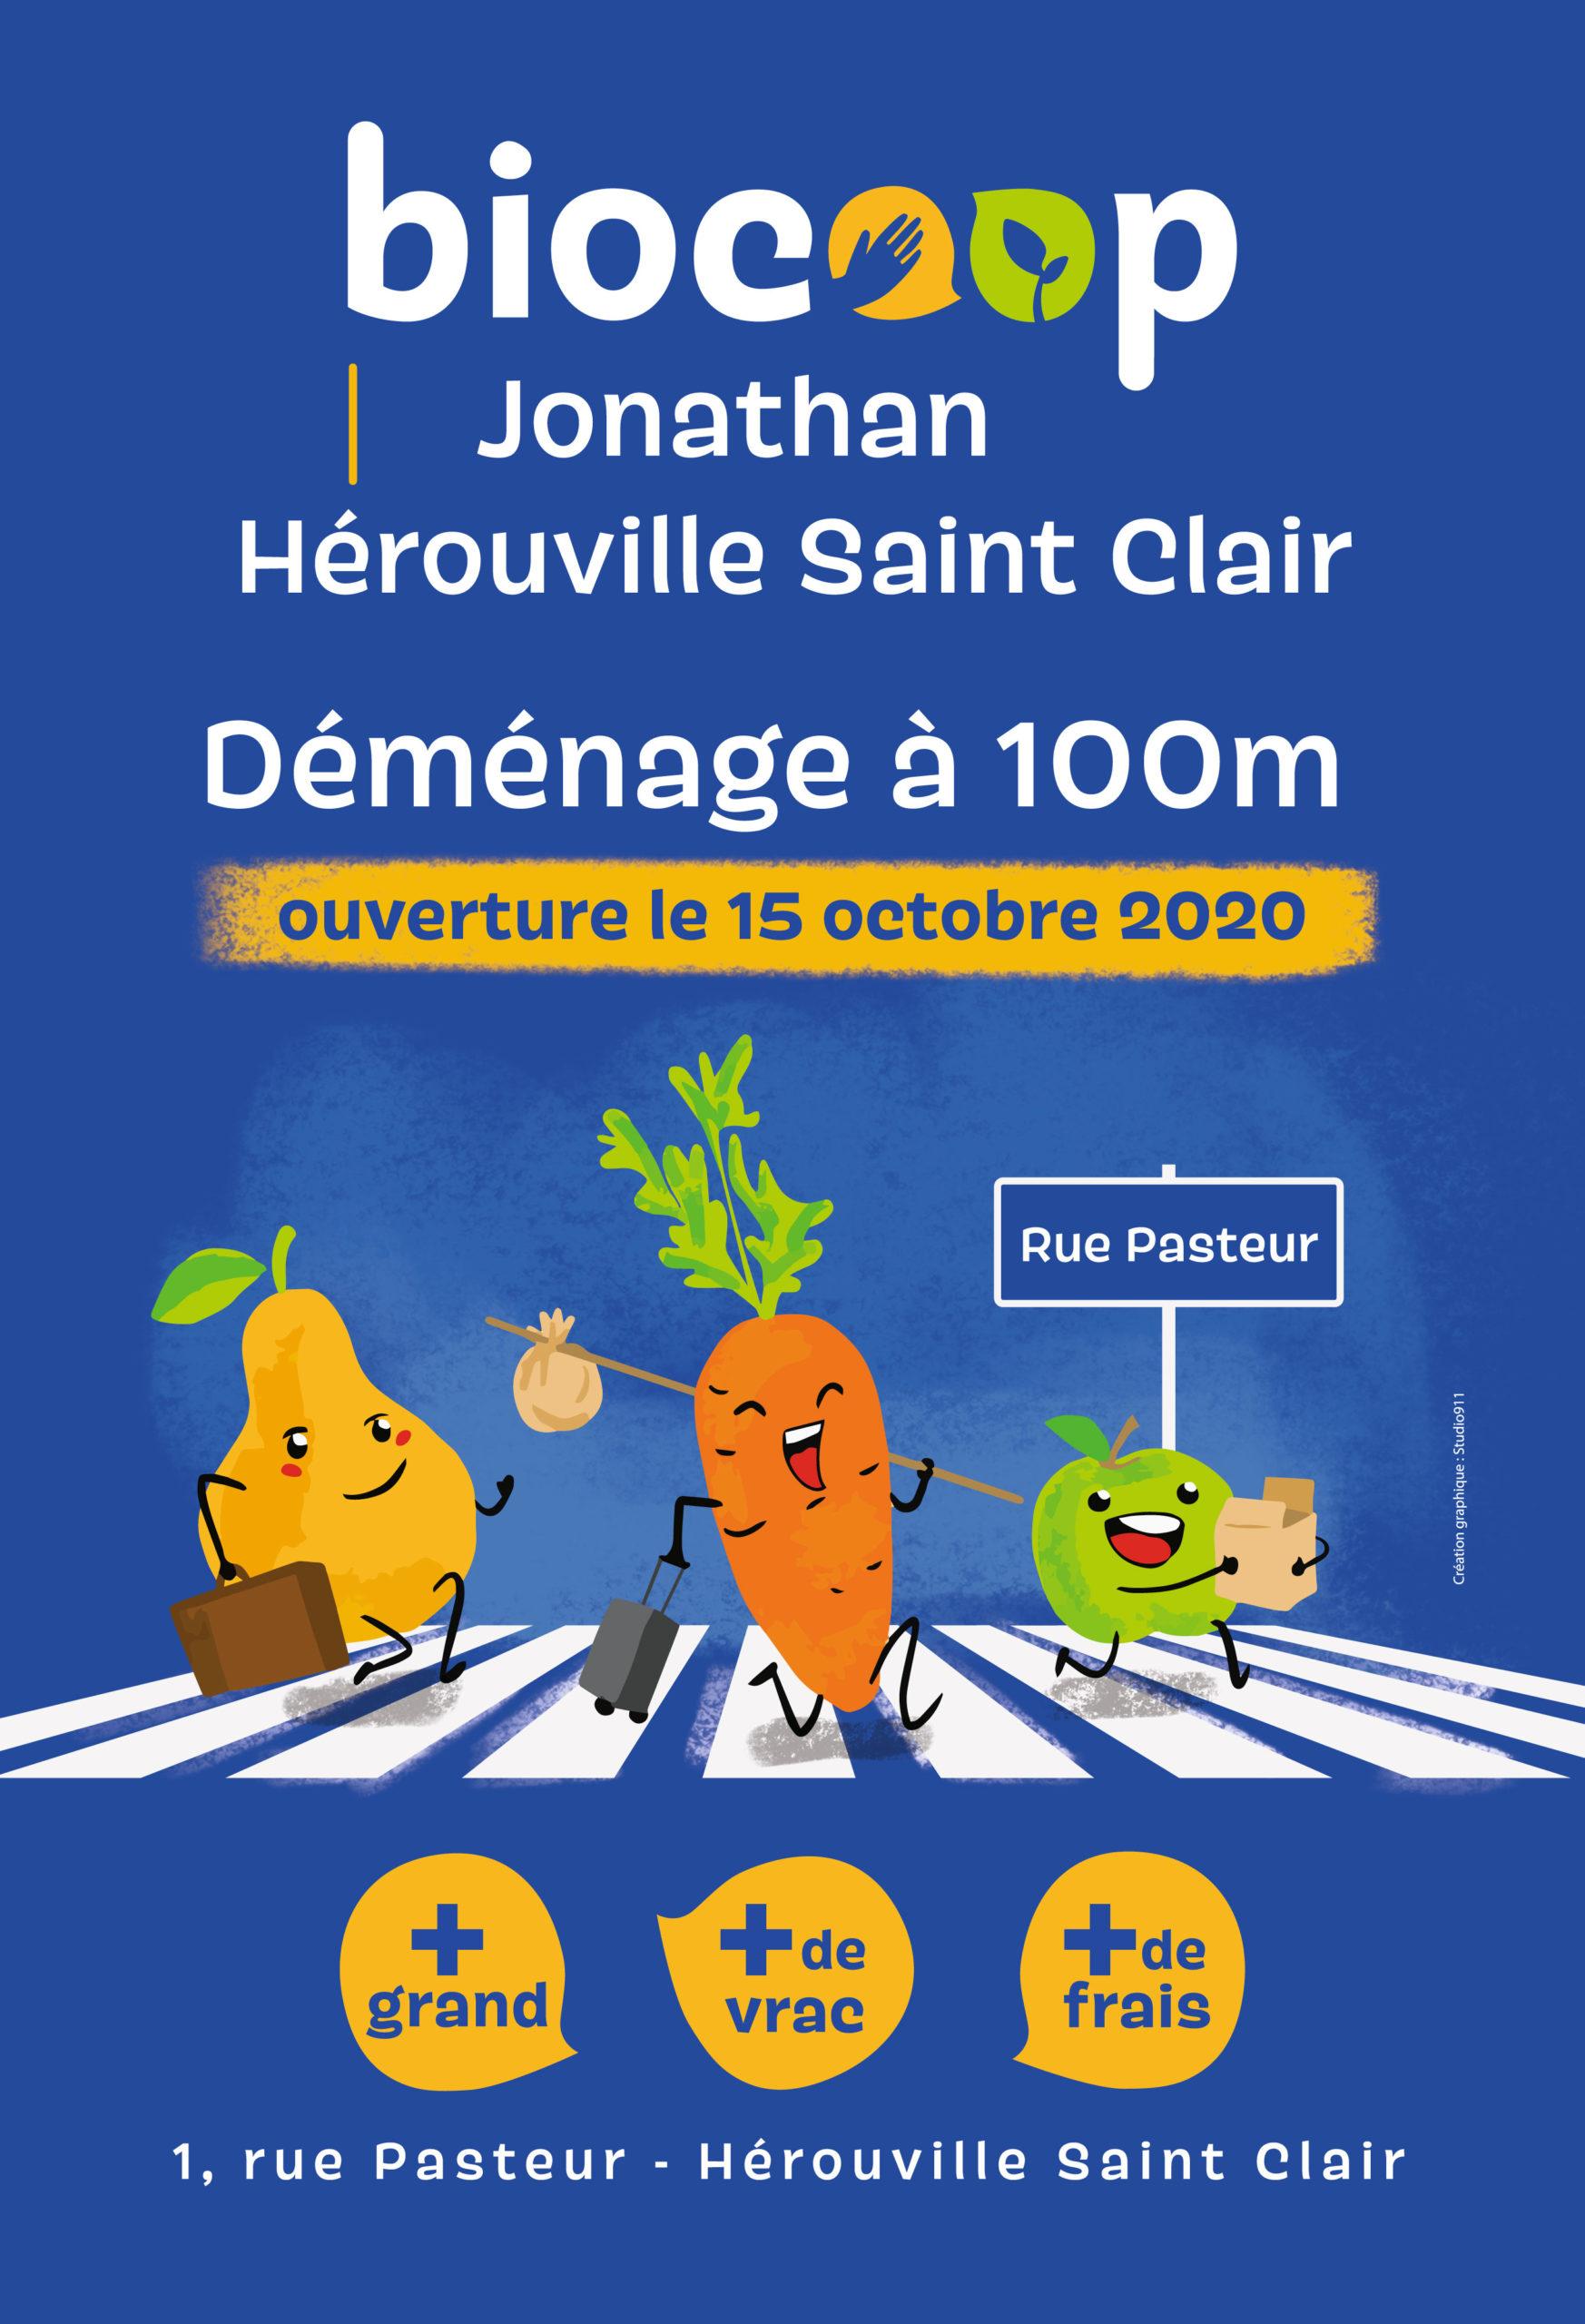 creation d'affiche pour Biocoop Jonathan à Caen